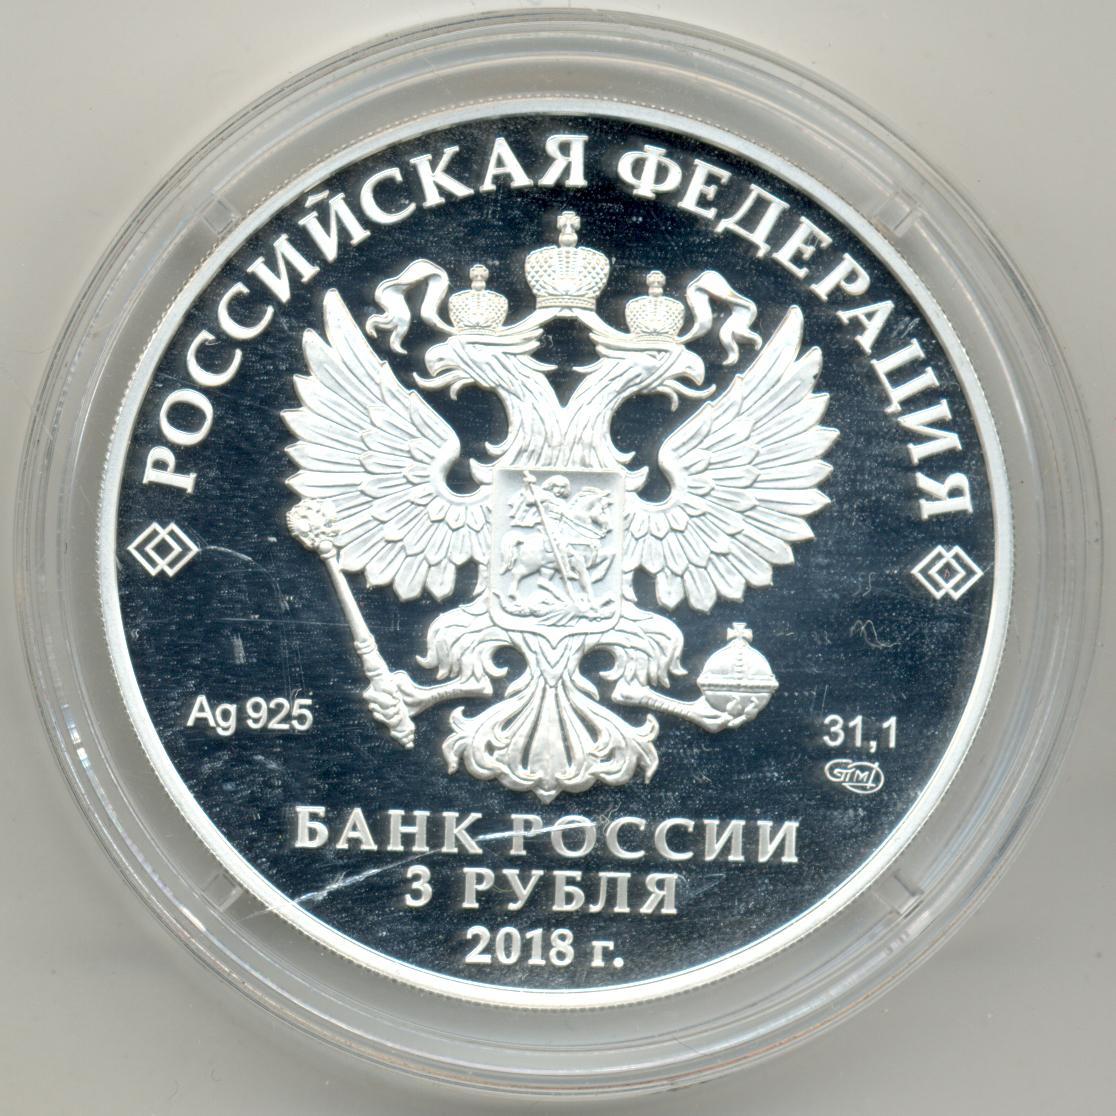 Со 3 рубля знаком 2018